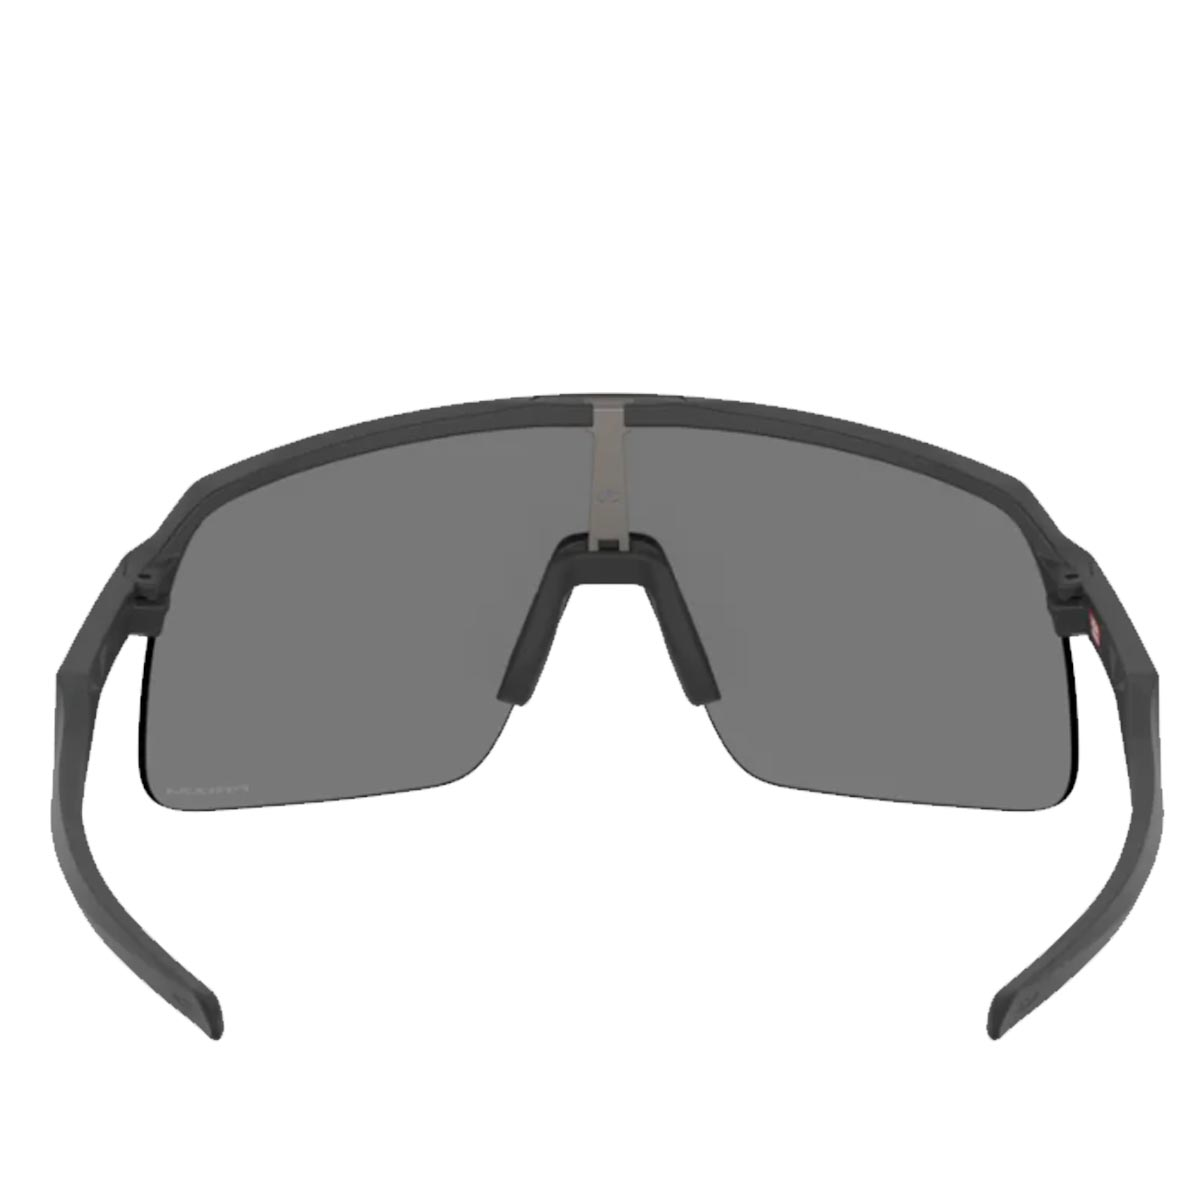 Oculos Para Ciclismo Oakley Sutro Lite Preto Fosco com Lente Prizm Black Escura